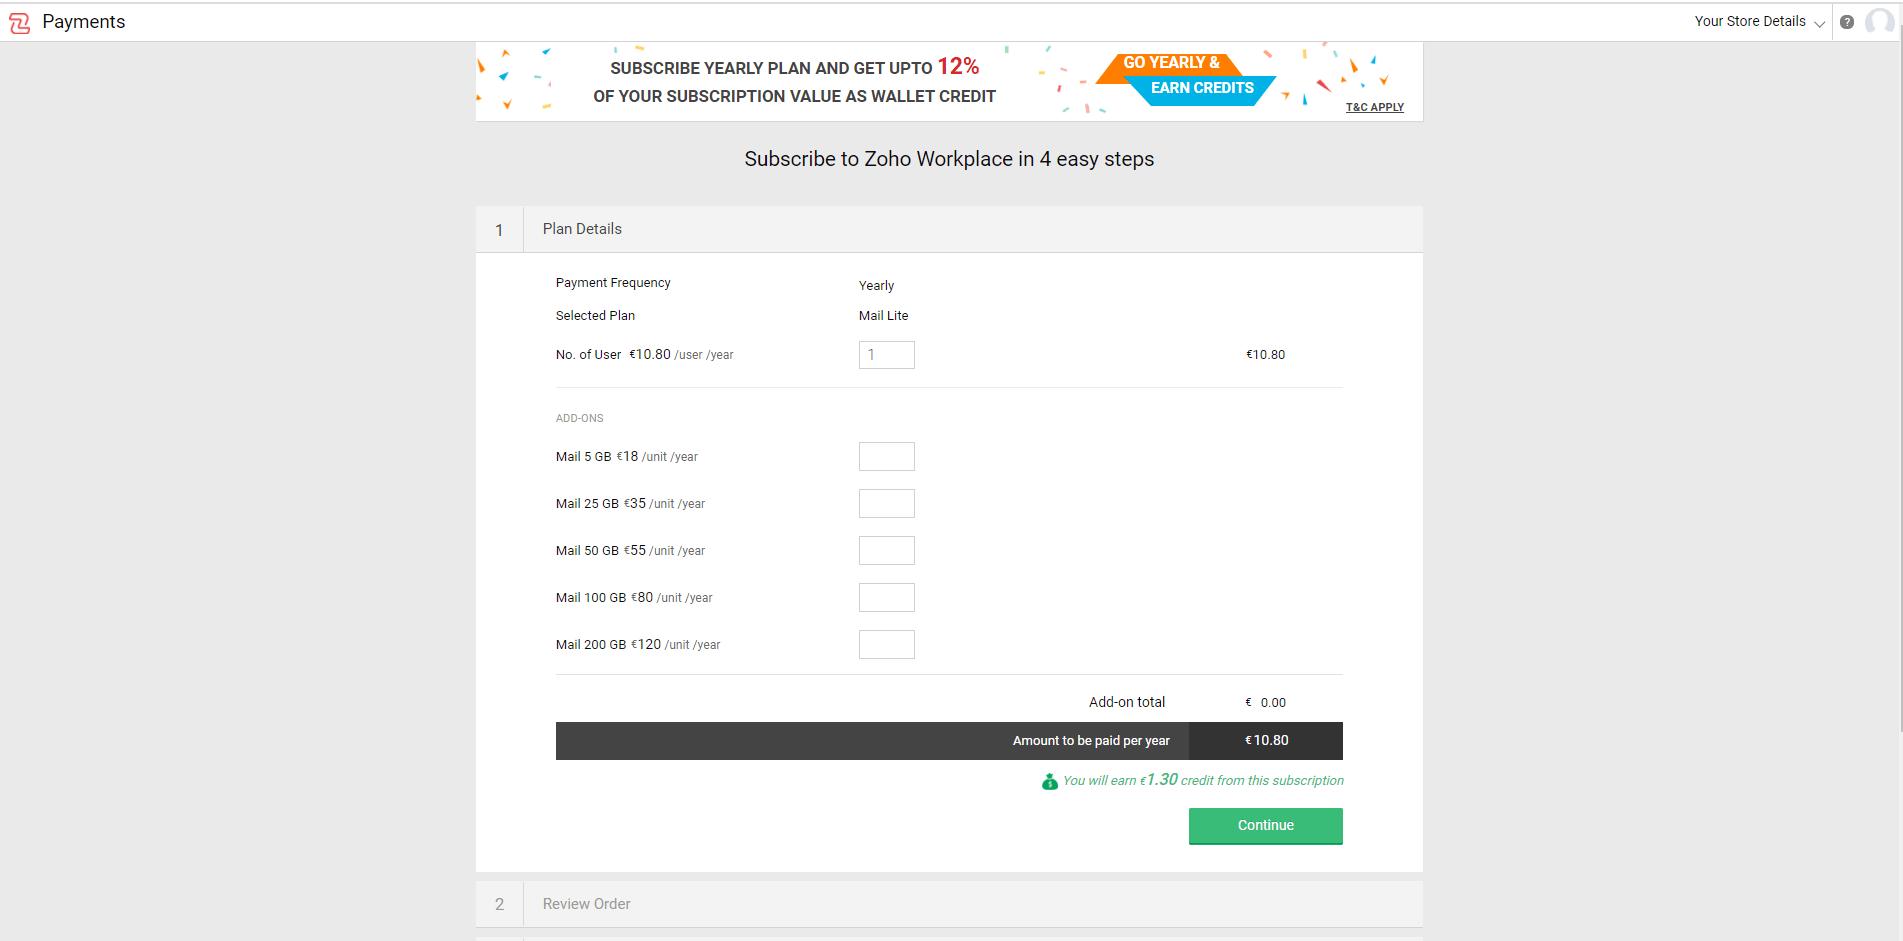 Как зарегистрировать почту на свой домен. Указываем сколько почтовых ящиков и памяти нужно.